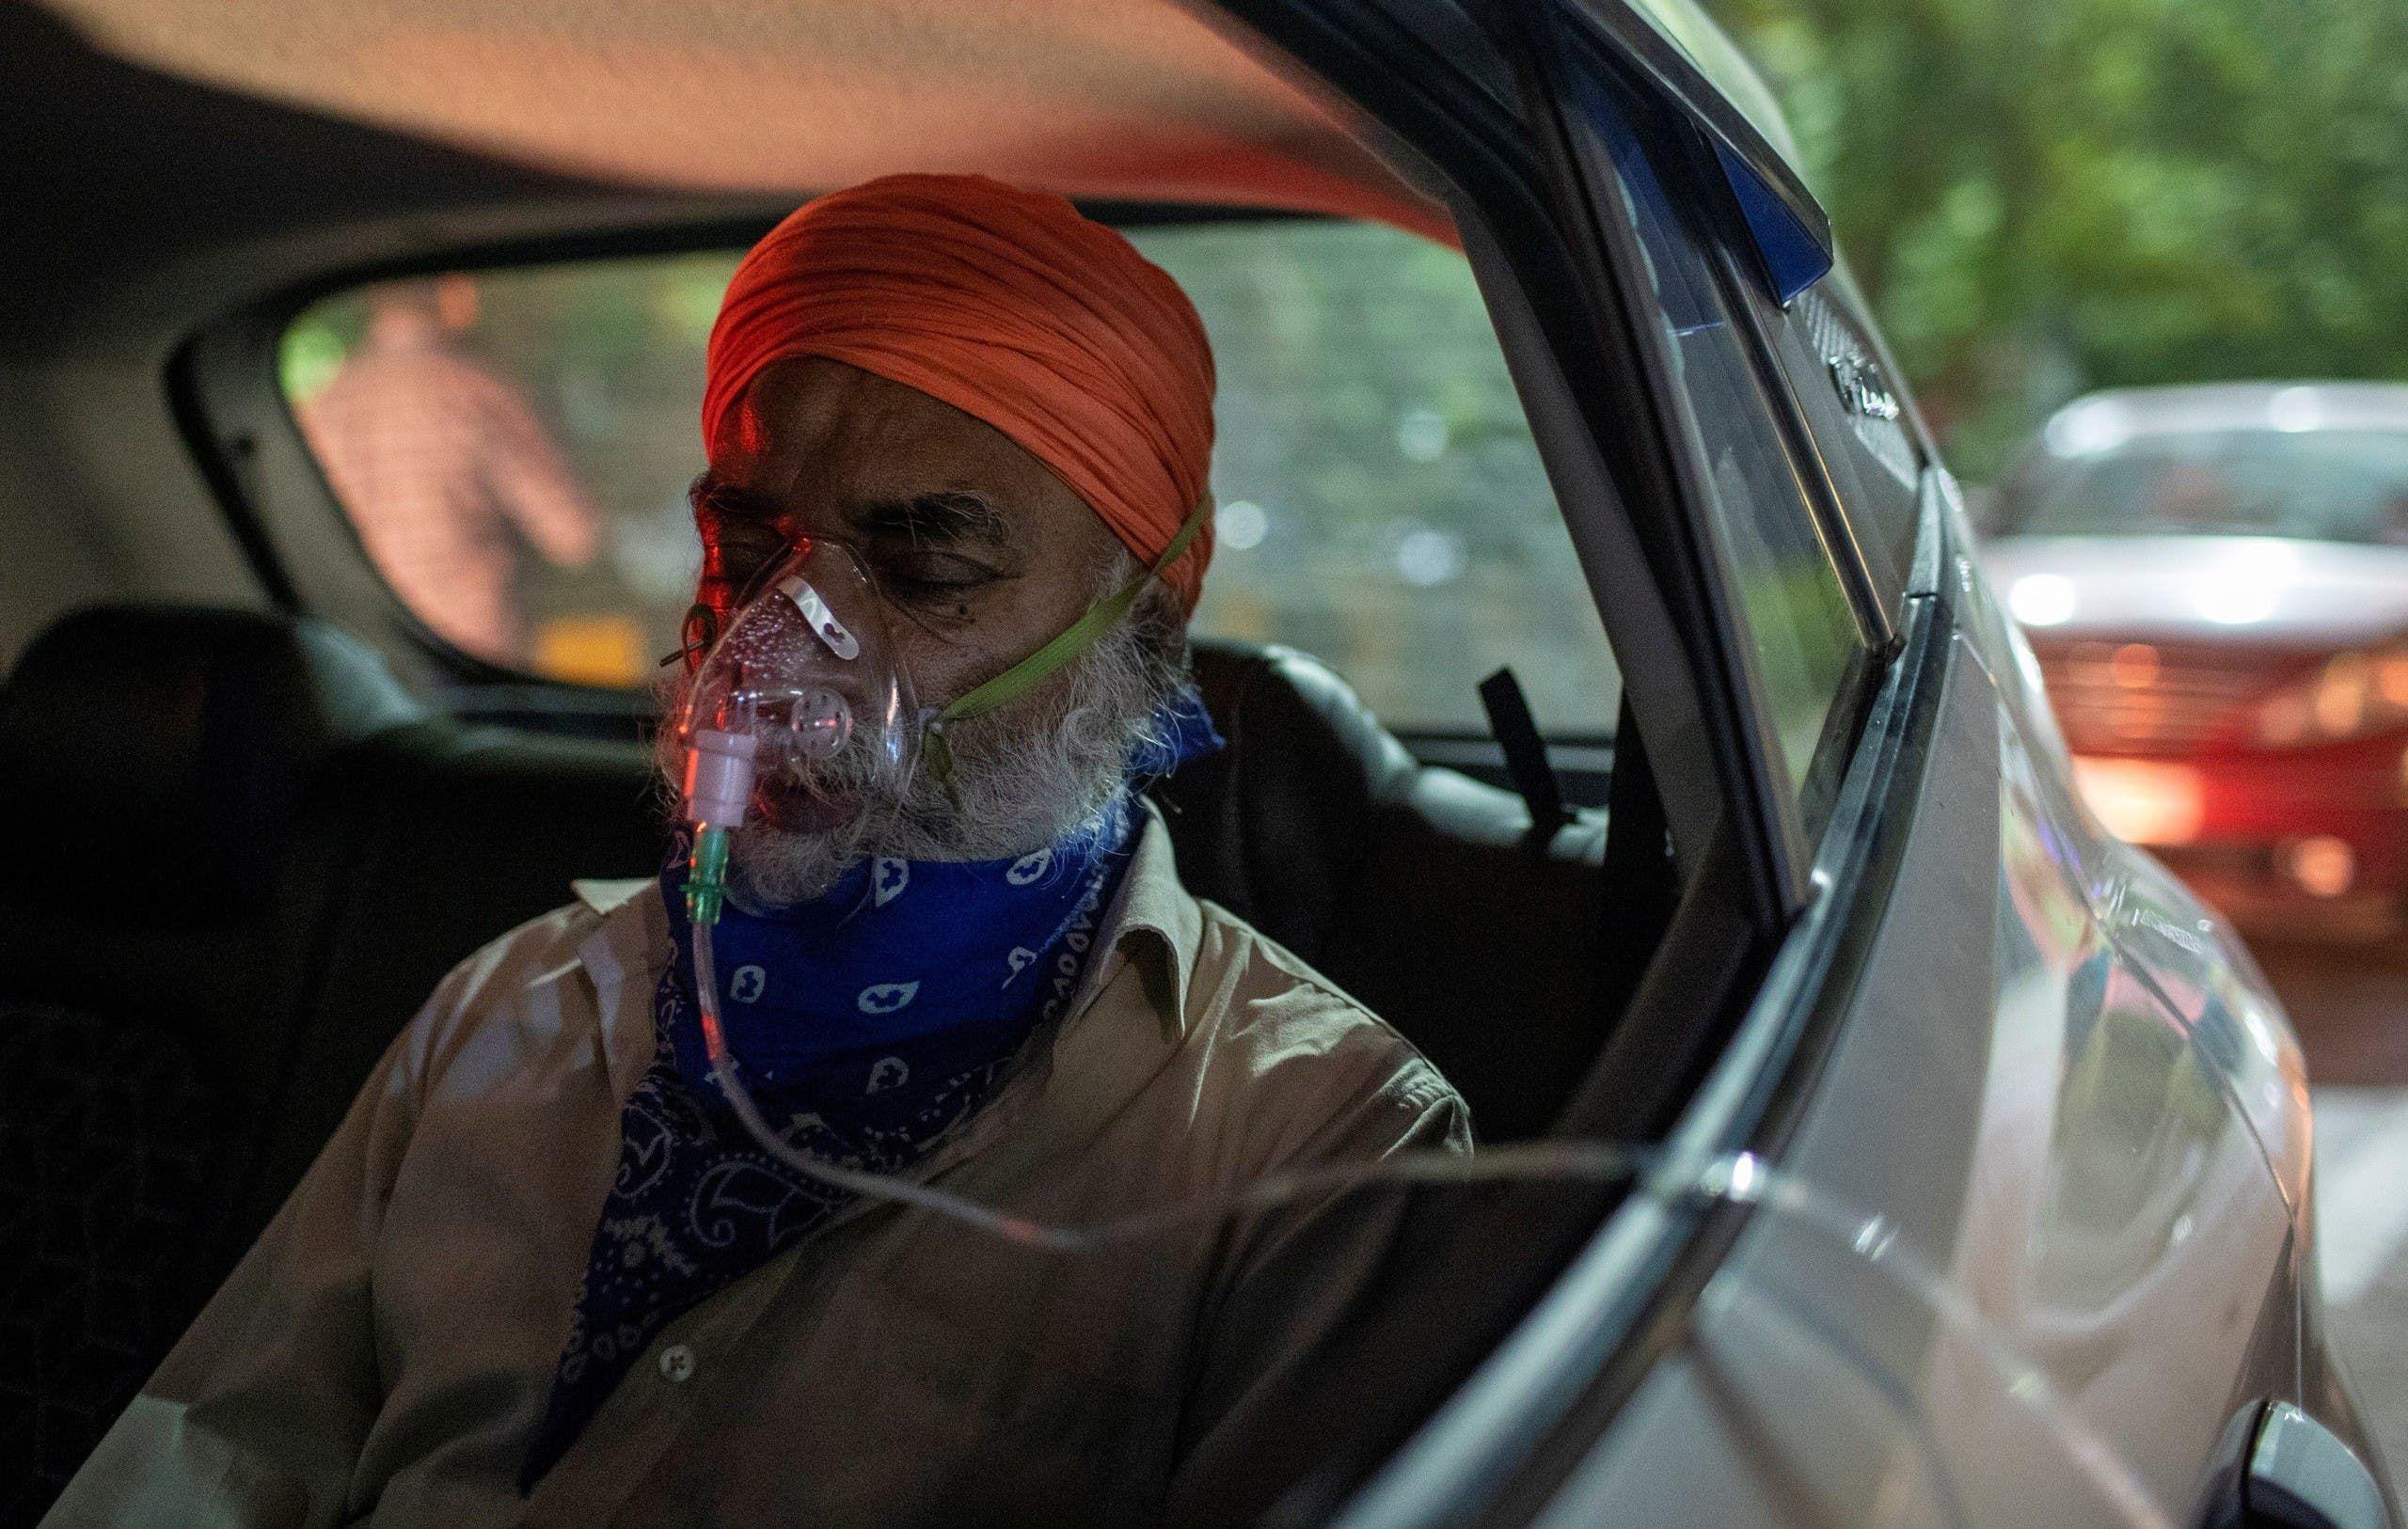 رجل يضع قناع أكسجين بسبب مشاكل في التنفس بولاية غازي أباد بالهند يوم 24 أبريل (رويترز)